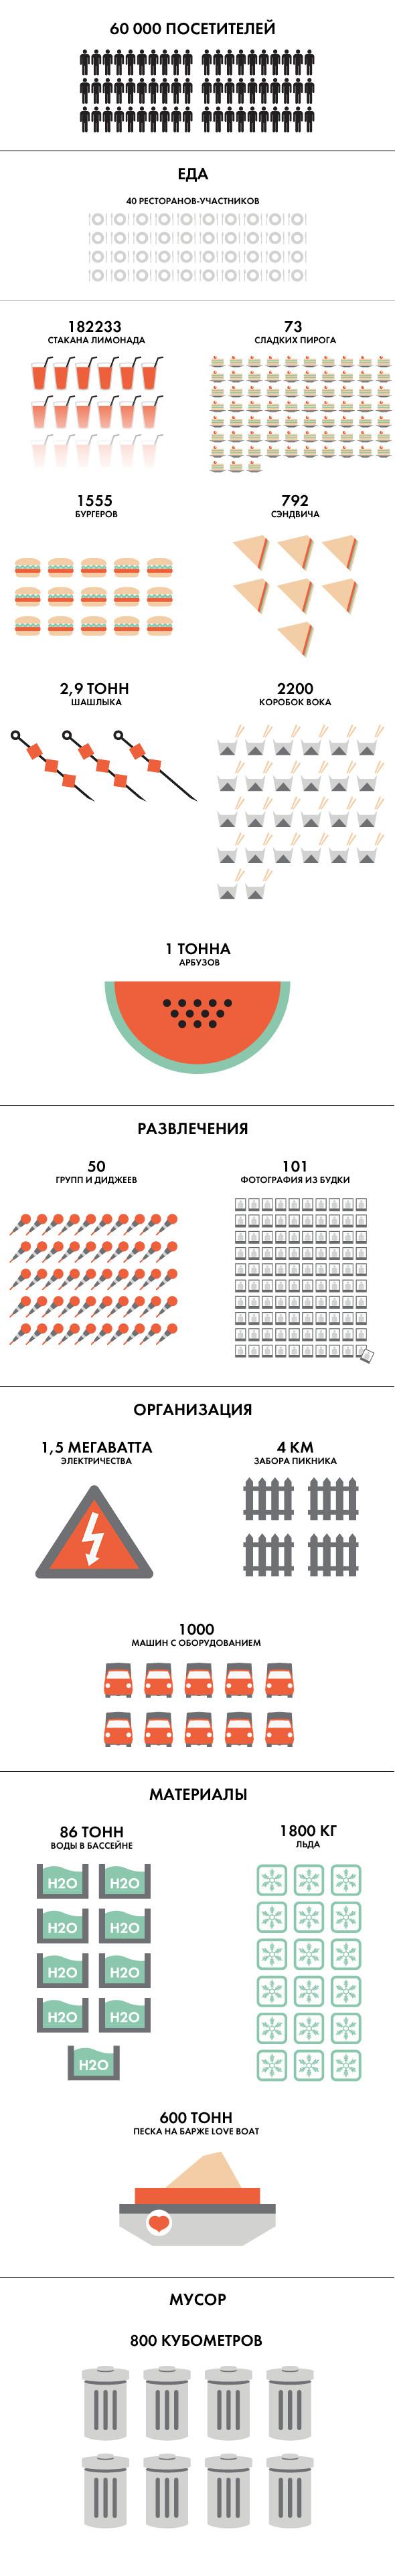 Пикник «Афиши» в цифрах: стаканы лимонада, километры забора, кубометры мусора. Изображение № 1.